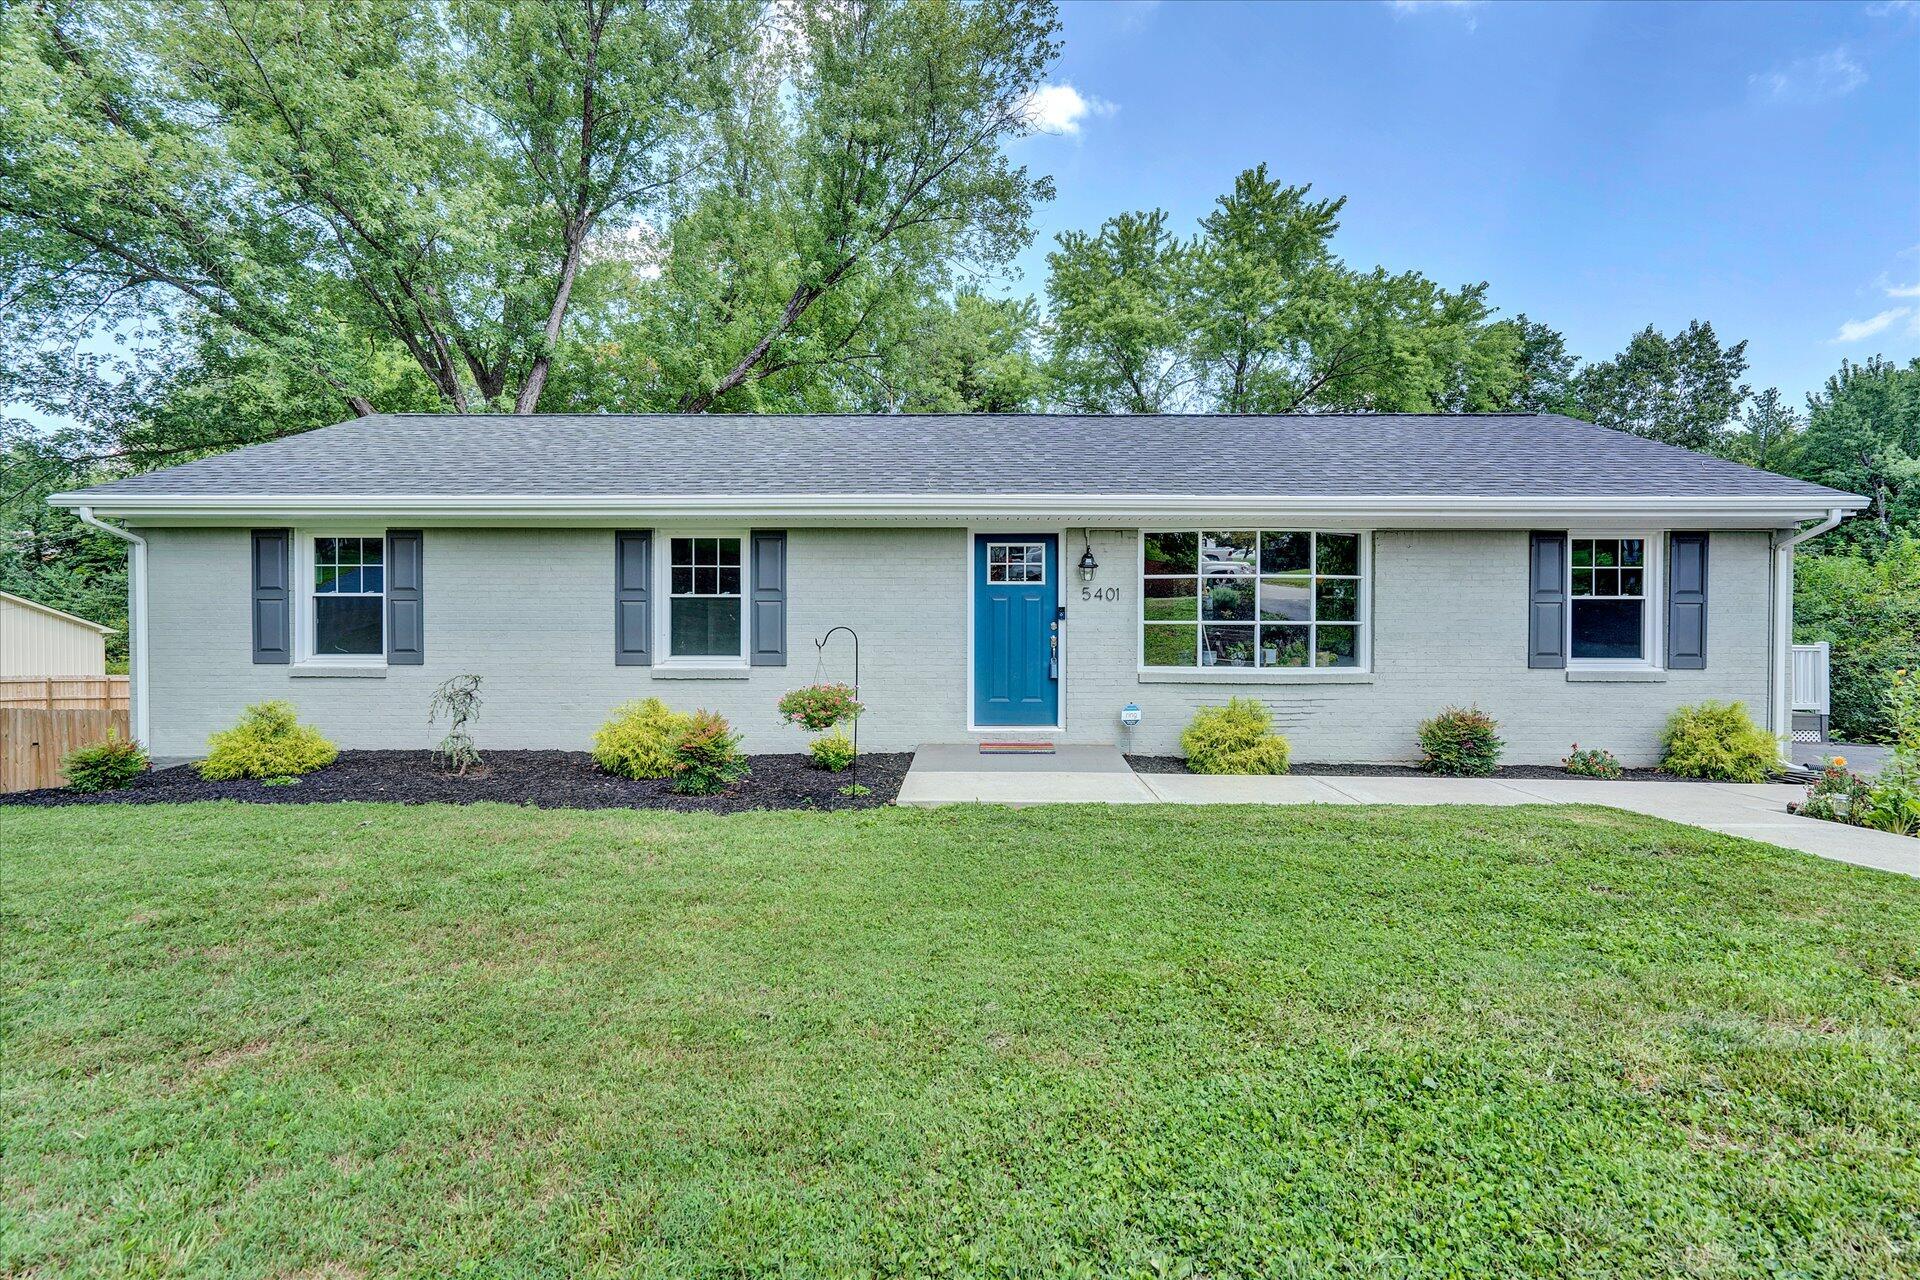 Photo of 5401 Gieser RD Roanoke VA 24018